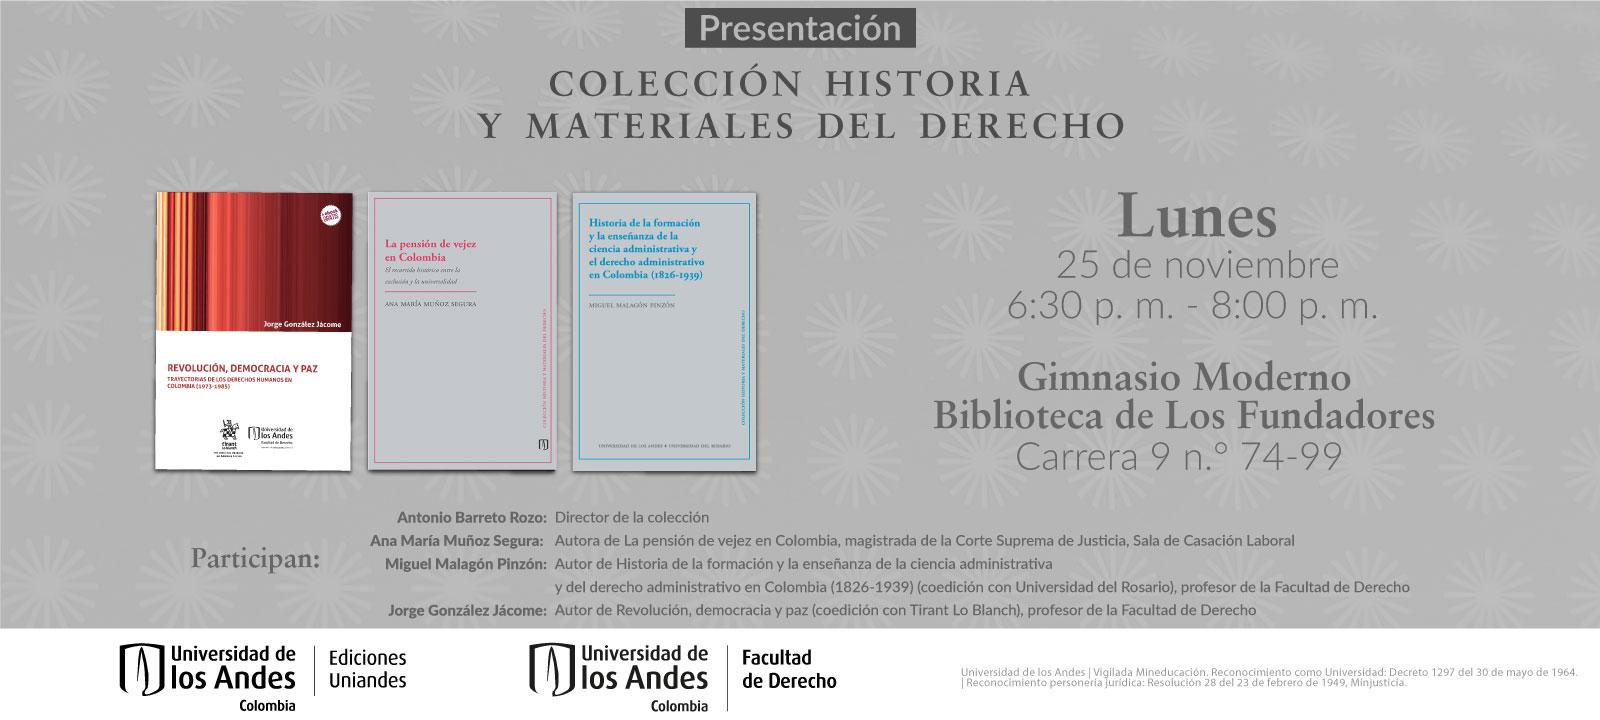 Presentación de la Colección Historia y Materiales del Derecho